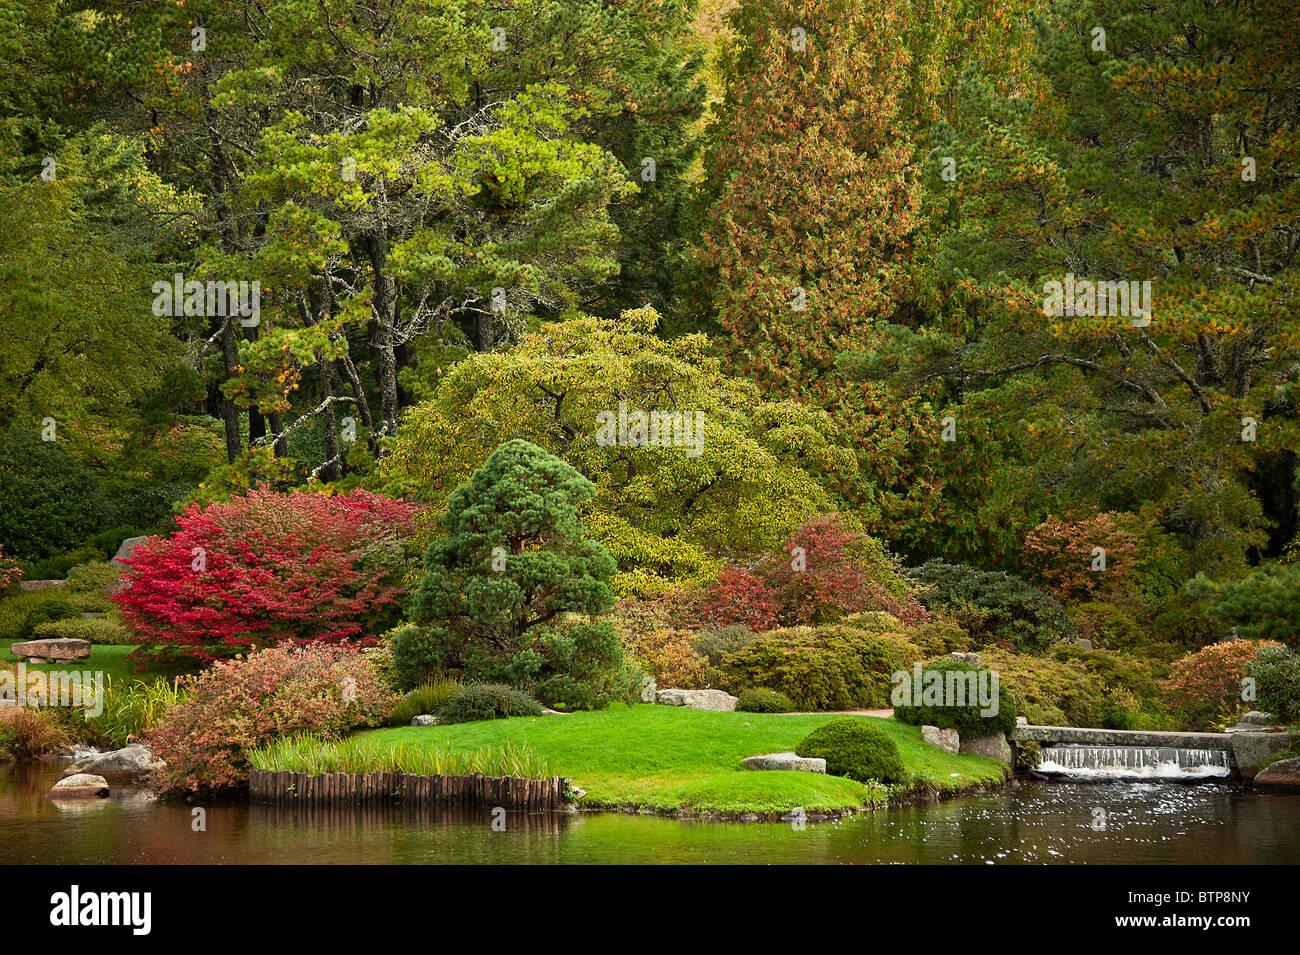 Asticou Azalea Garden, Öffentlichkeit, Northeast Harbor, Maine, USA Stockbild